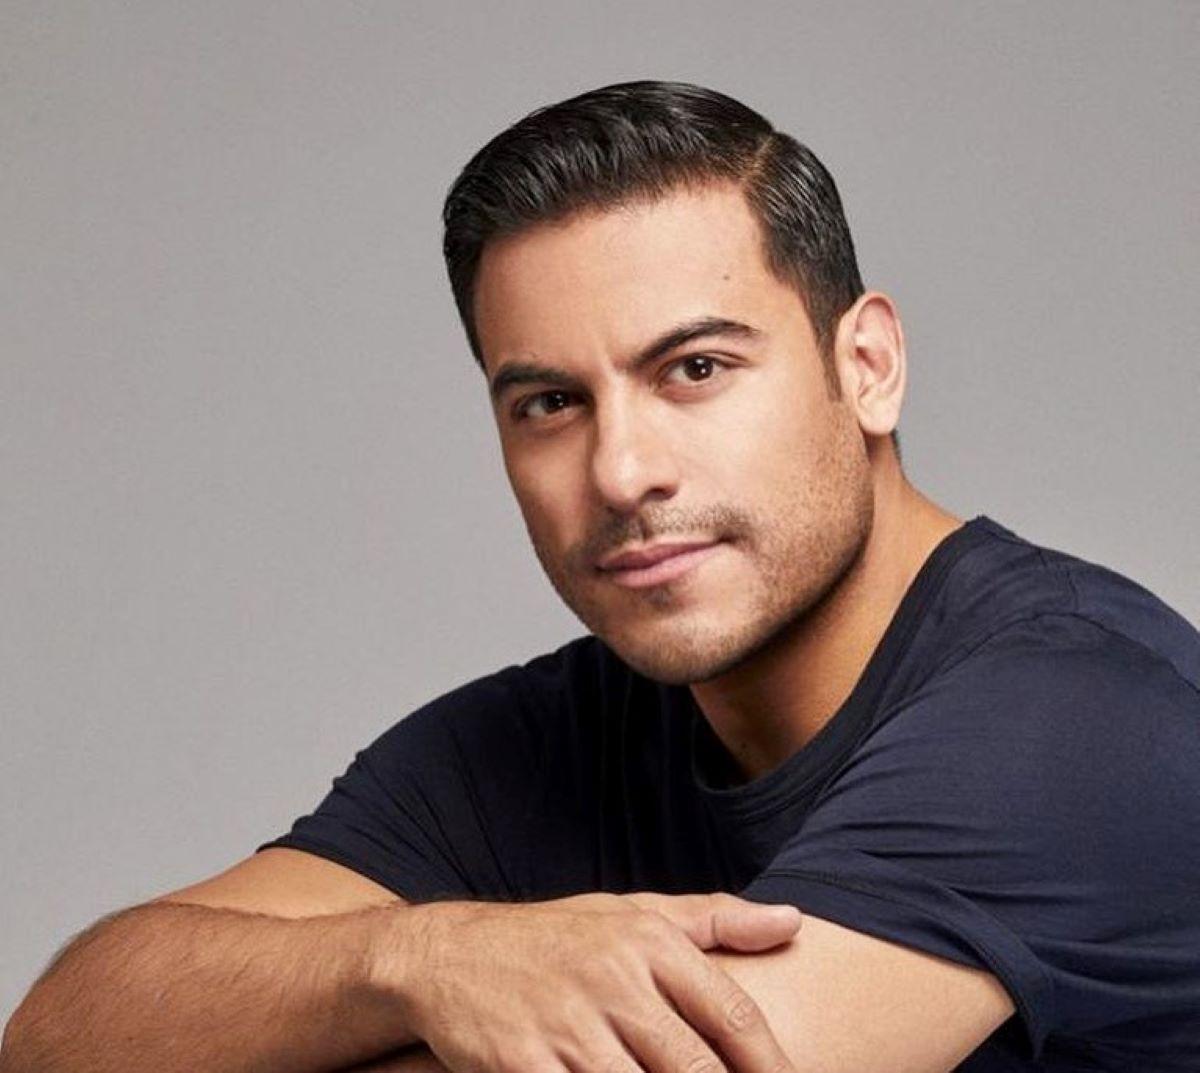 Carlos Rivera enloqueció a sus fans con un video bailando